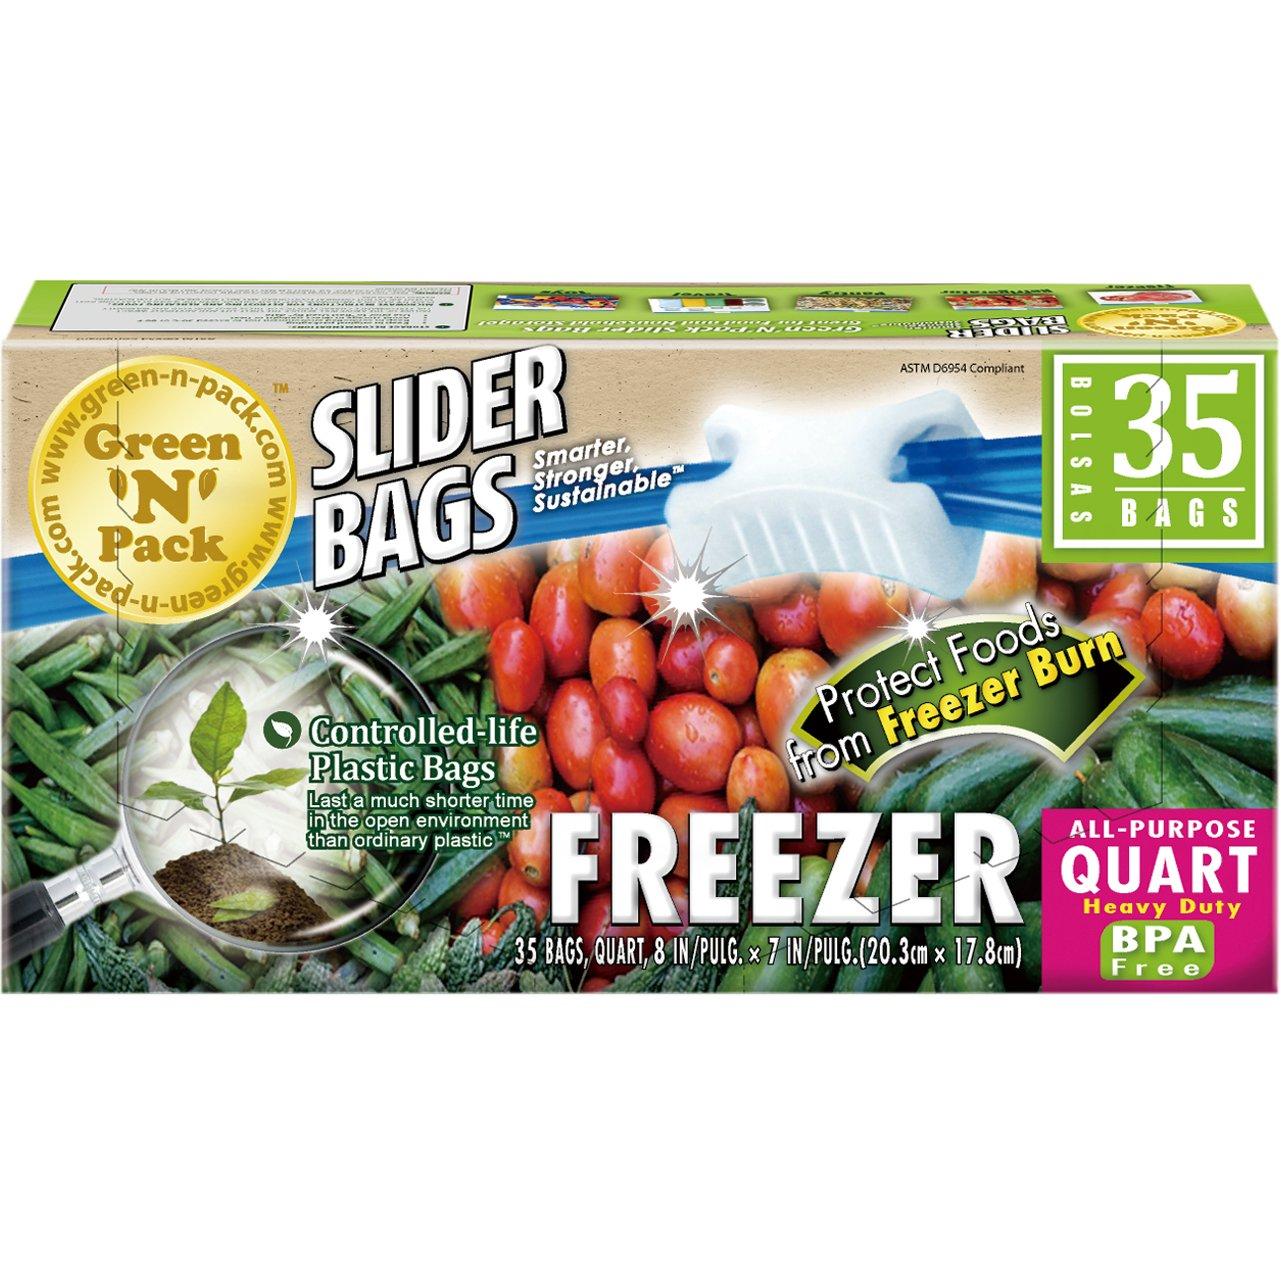 Green N Pack Premium Freezer Slider Bags (BPA Free), Quart, 35 Count